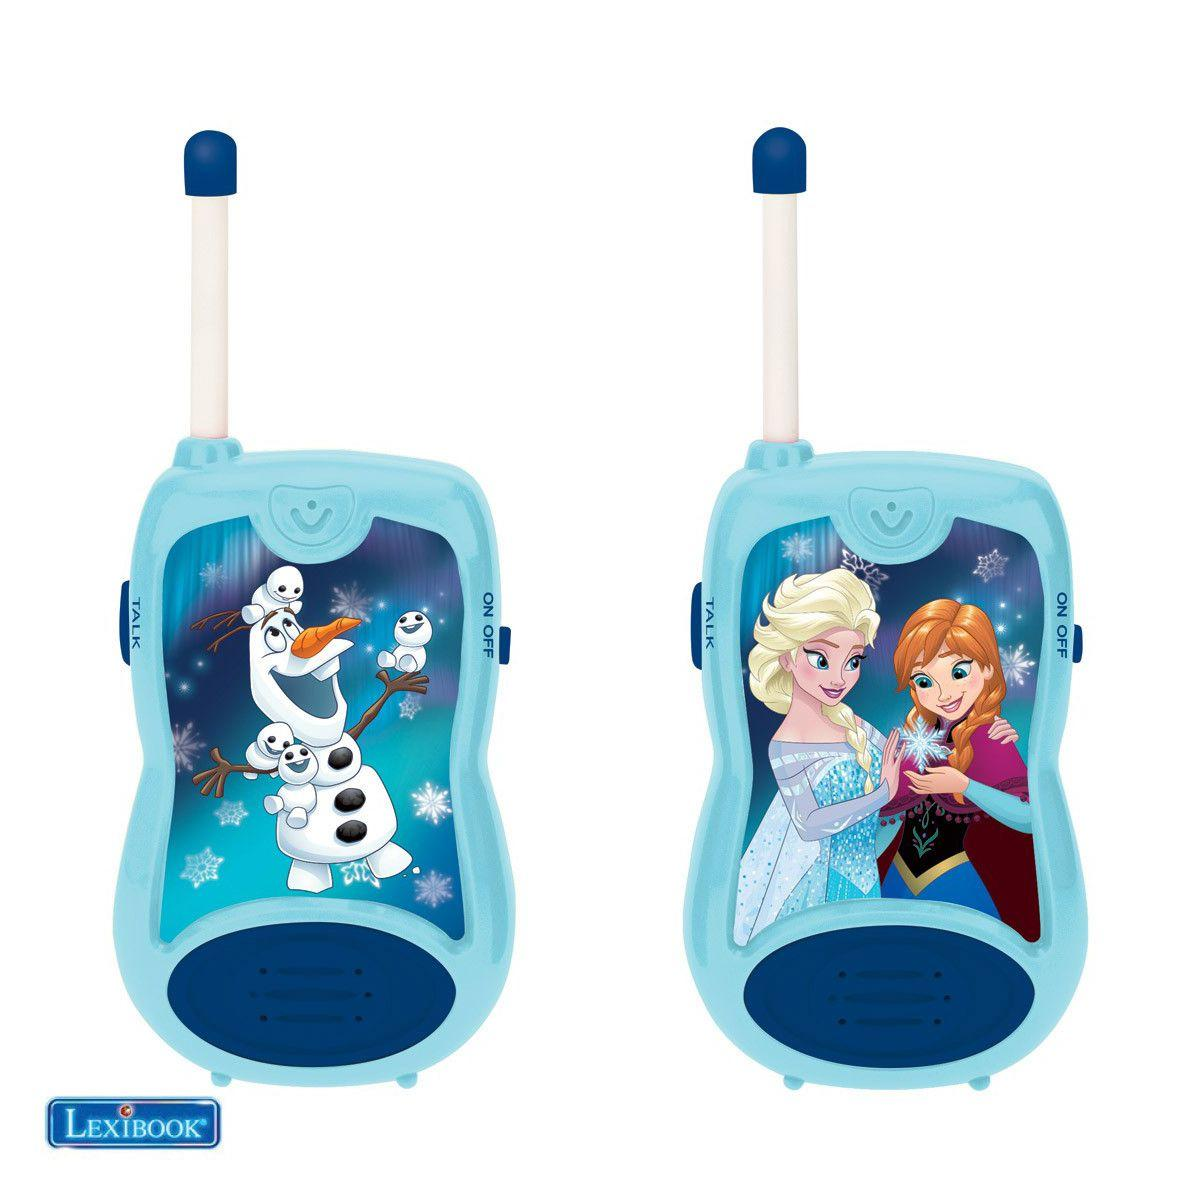 Talkie walkie lexibook tw12 la reine des neiges - 2% de remise imm�diate avec le code : cadeau2 (photo)